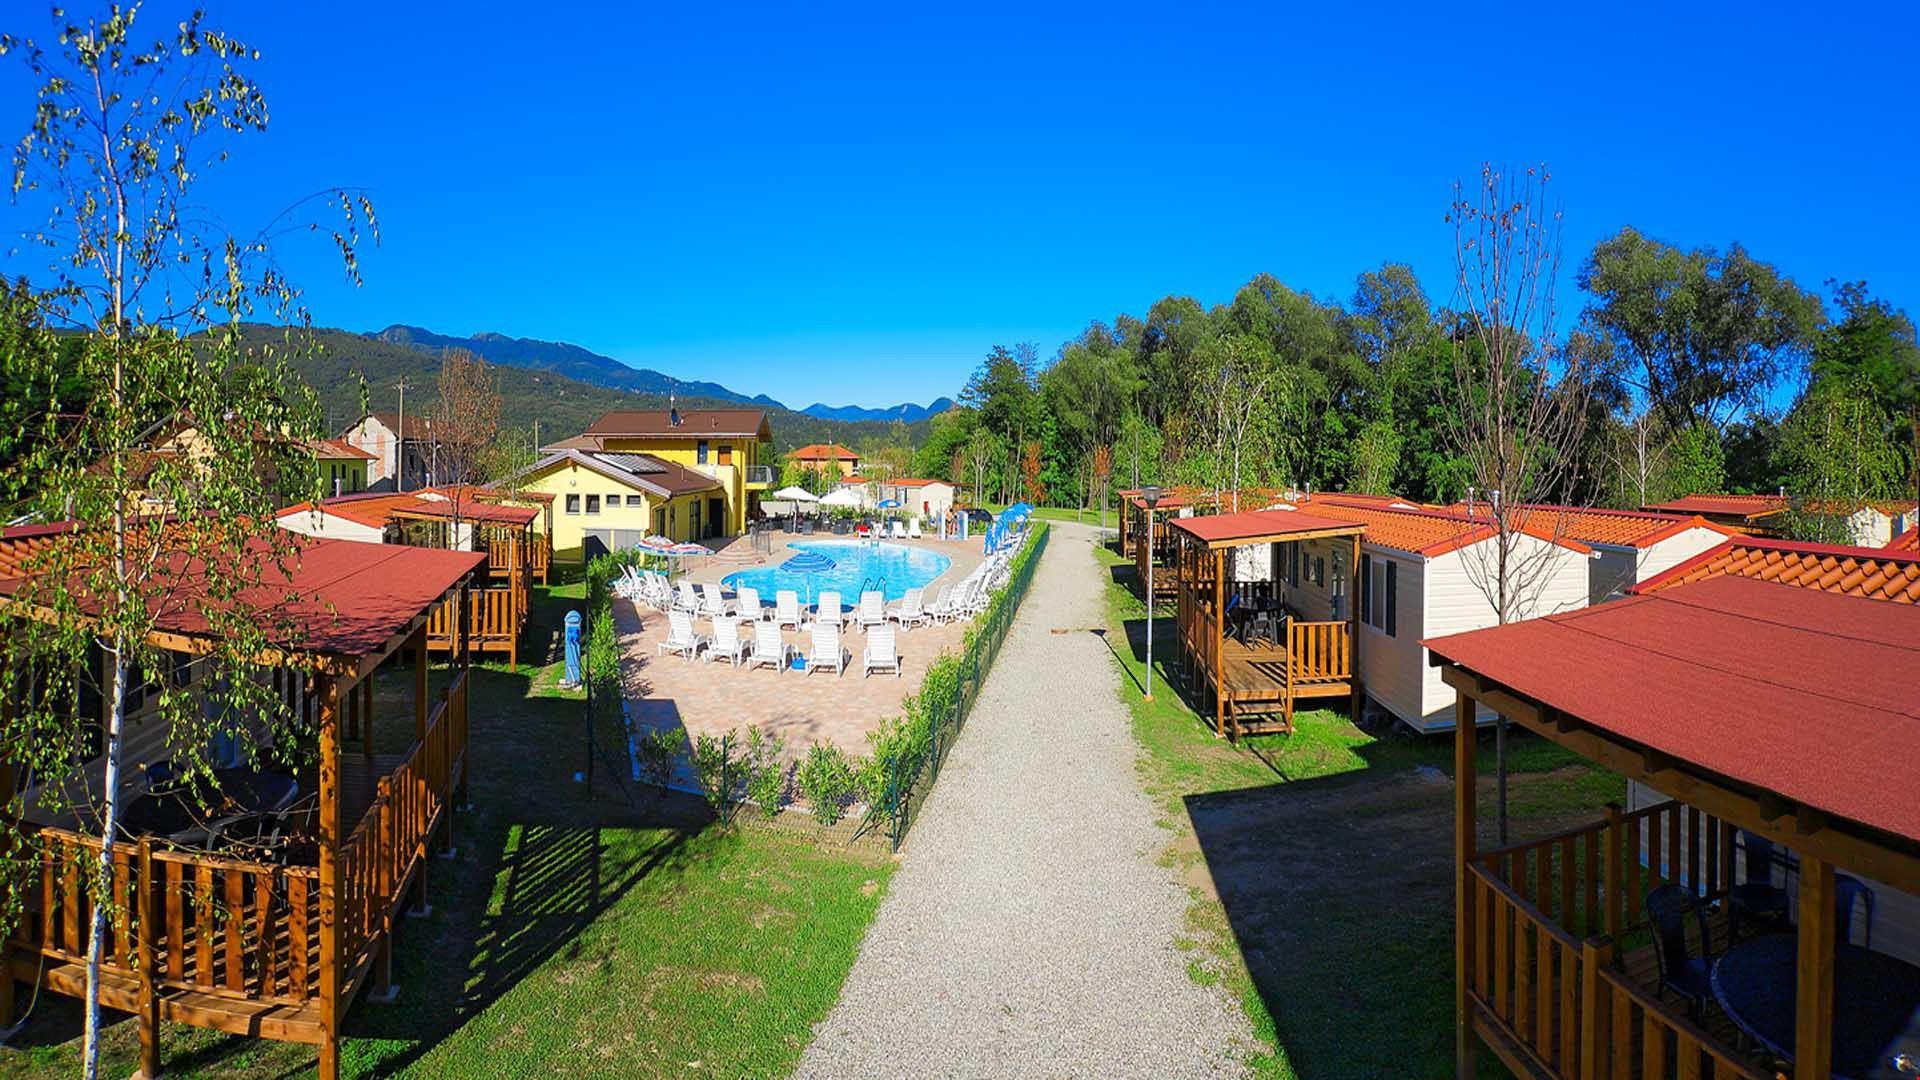 Mobile Home sul Lago Maggiore, Piemonte